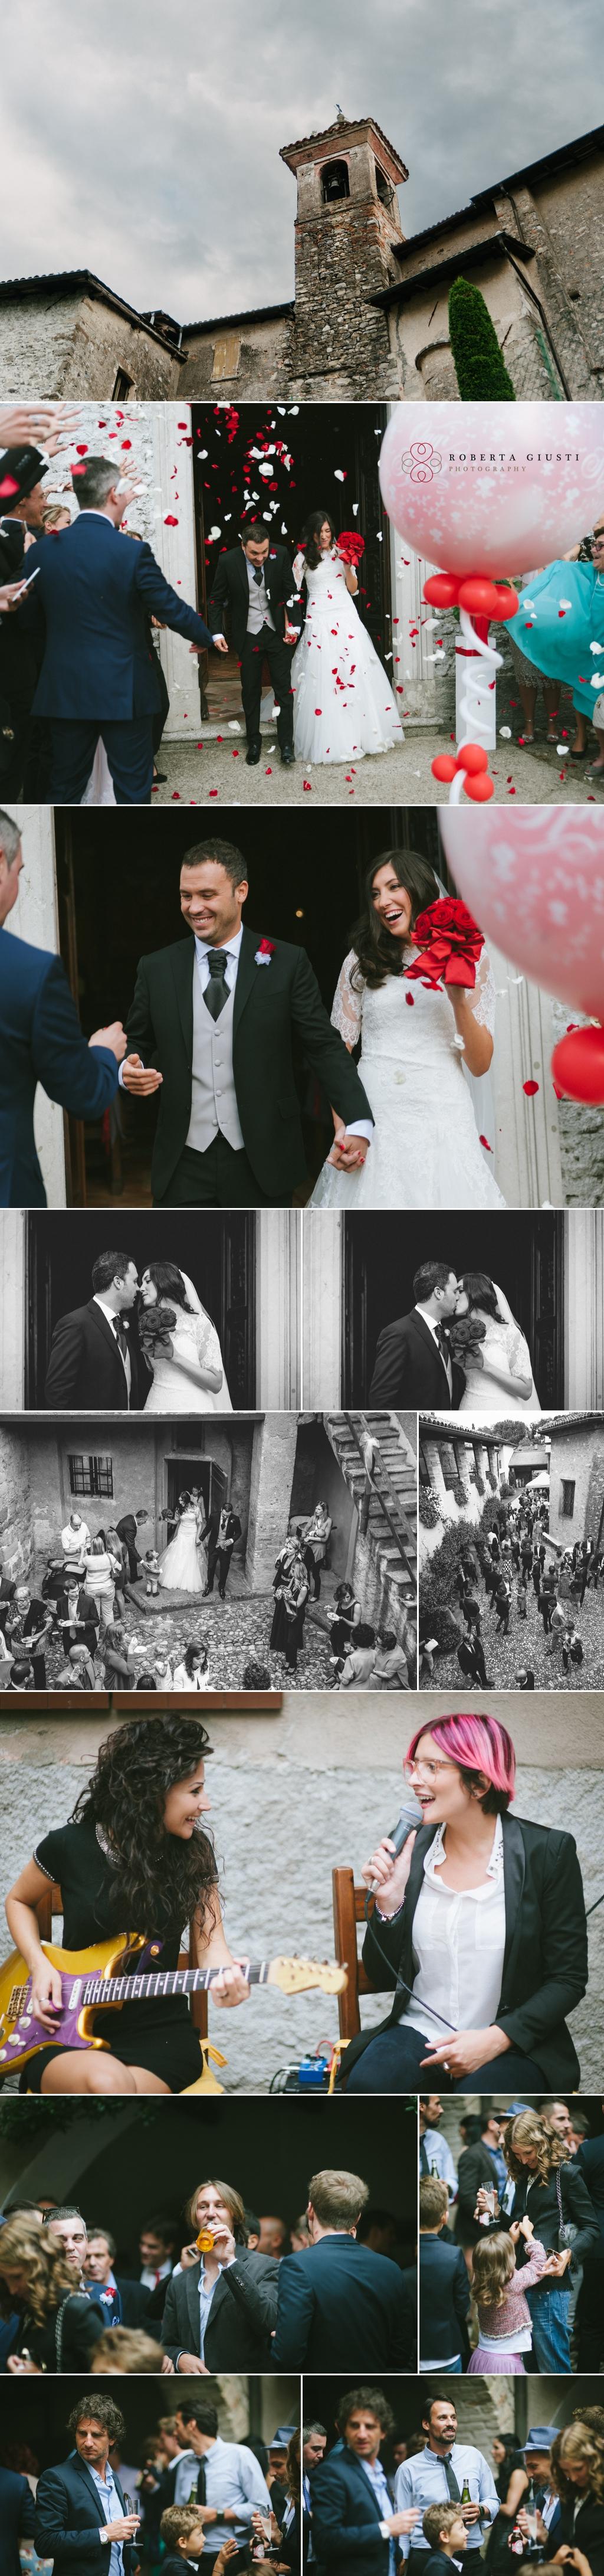 fotografia matrimonio svizzera canton ticino